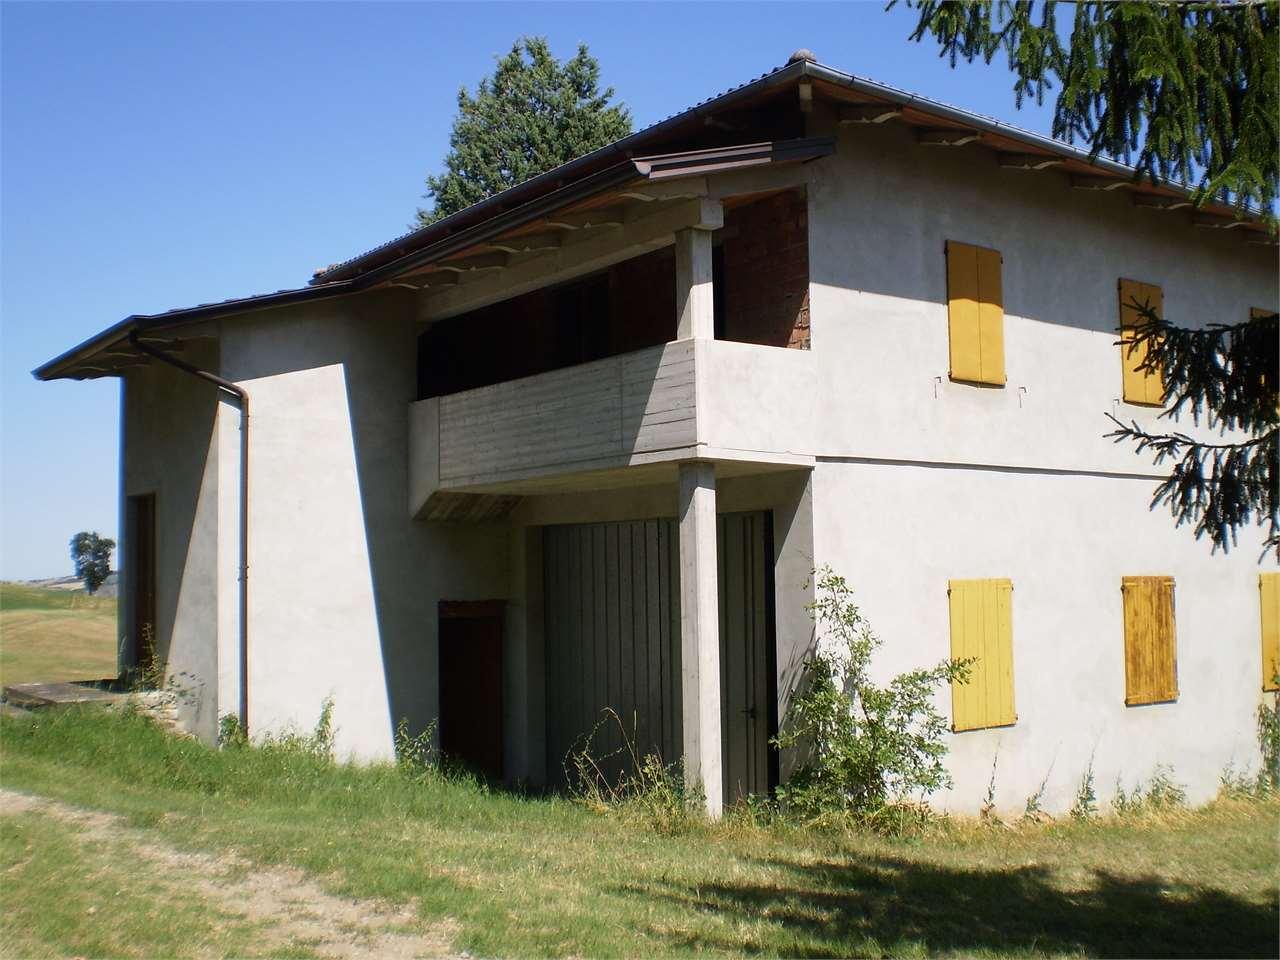 Soluzione Indipendente in vendita a Neviano degli Arduini, 9999 locali, prezzo € 85.000 | Cambio Casa.it